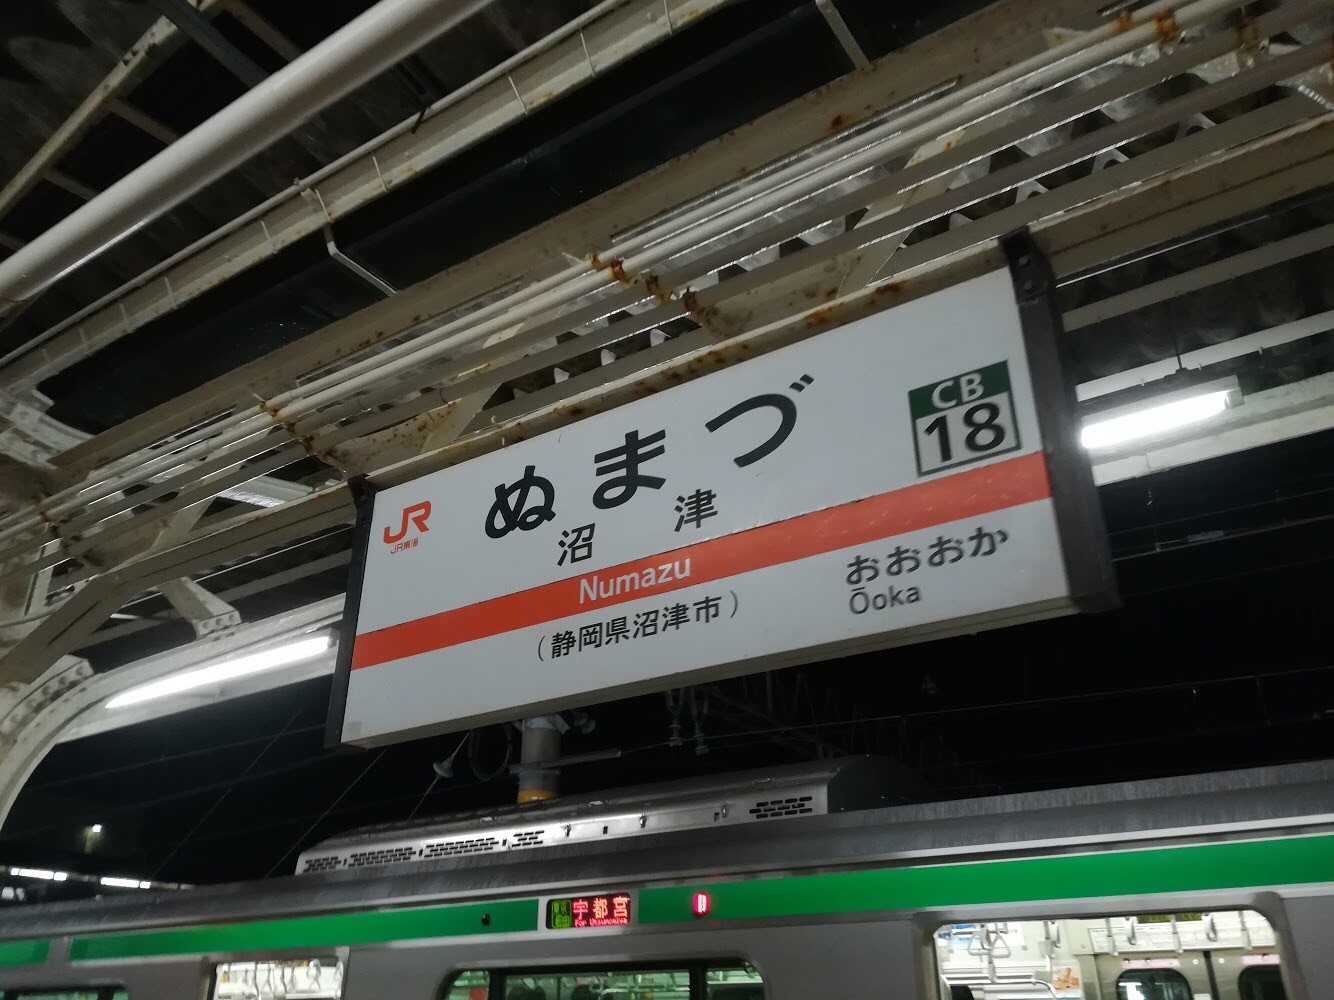 f:id:ta_chi_tsu:20190317015249j:image